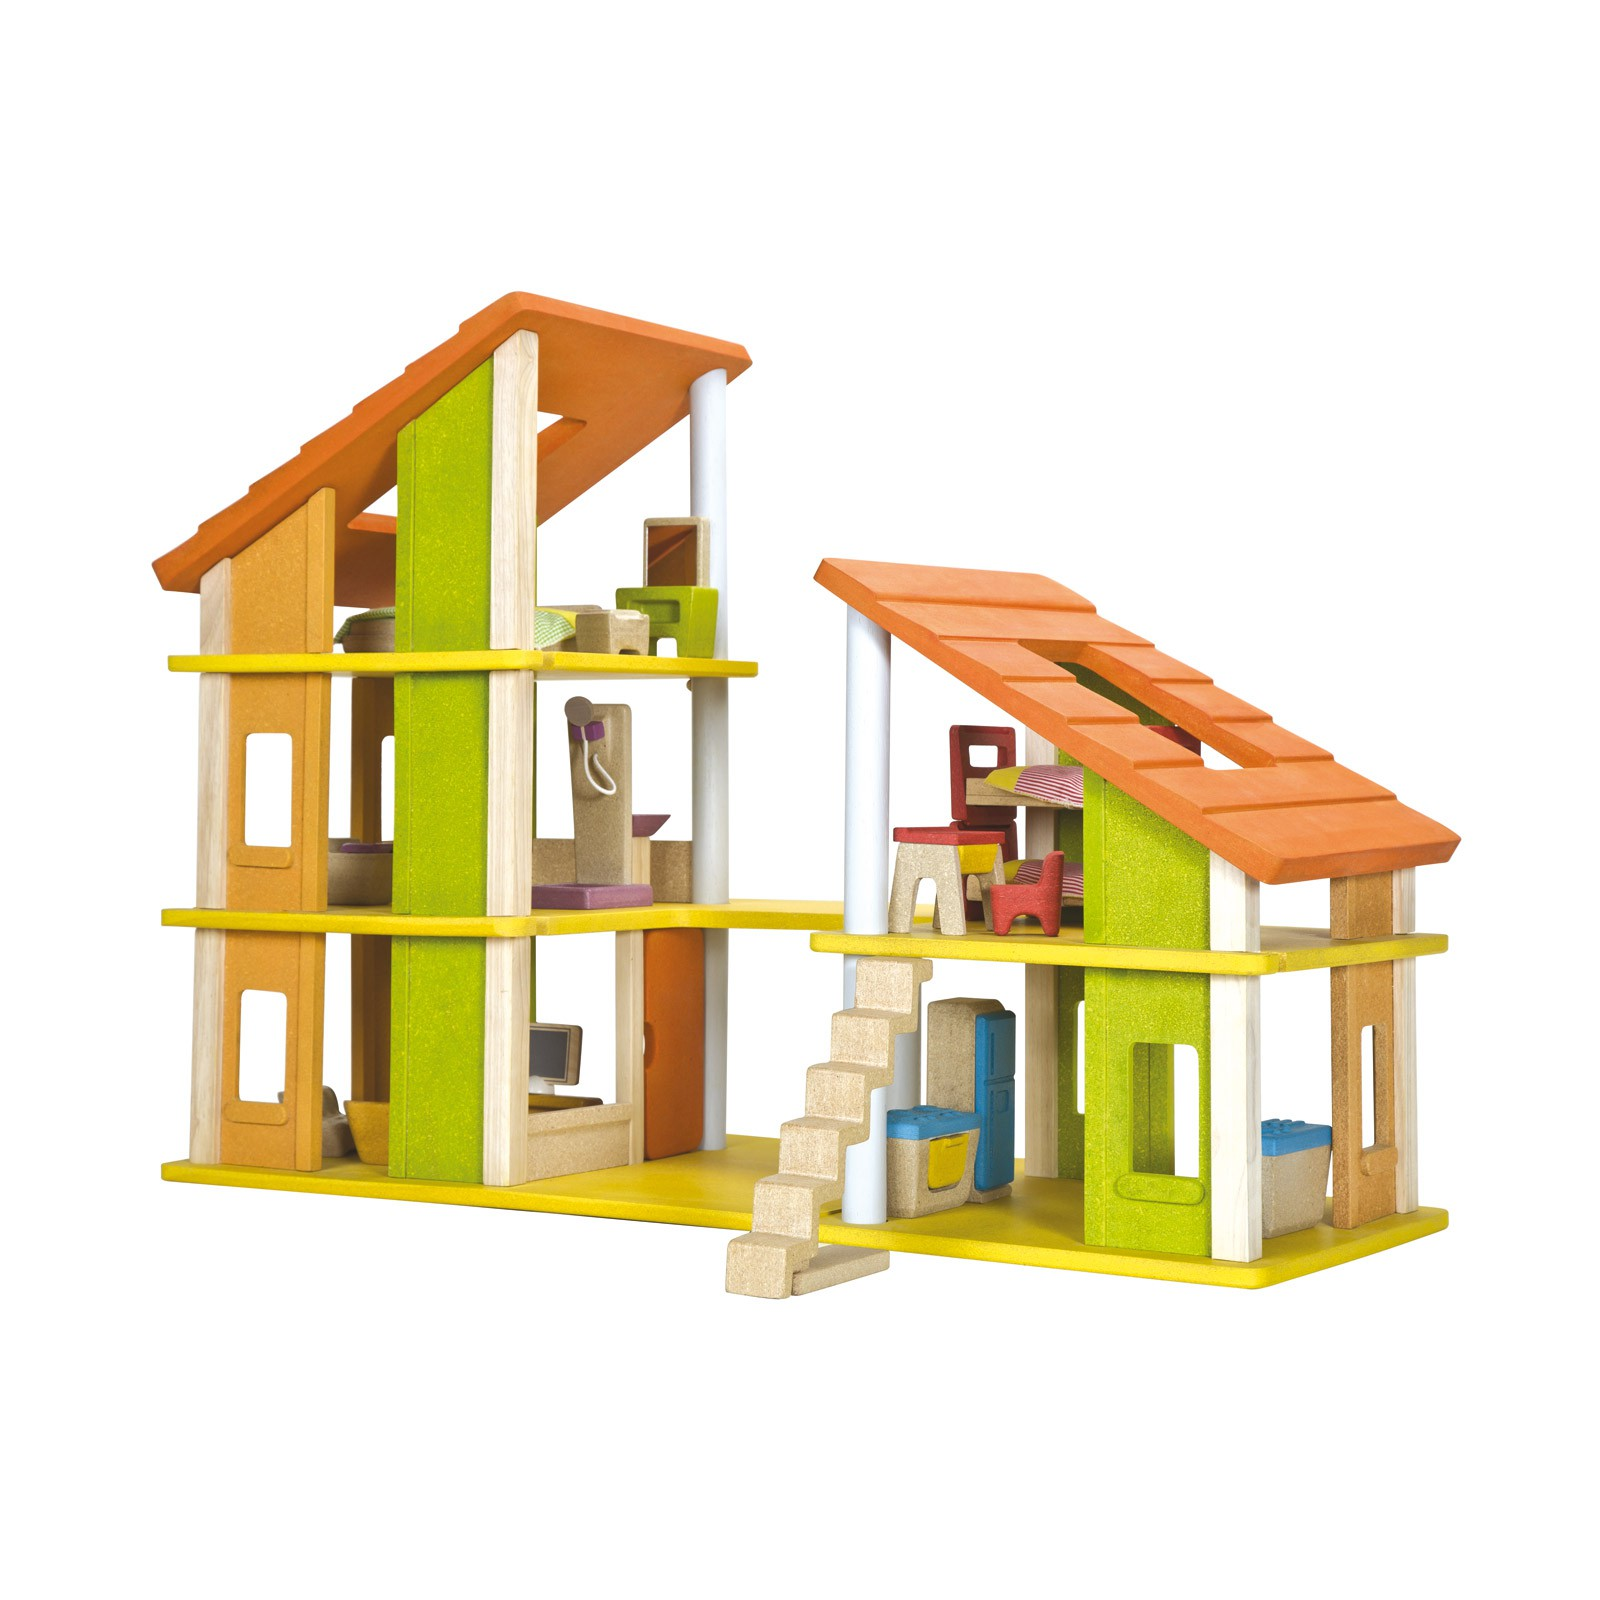 Plan de maison en bois en martinique - Constructeur maison bois martinique ...